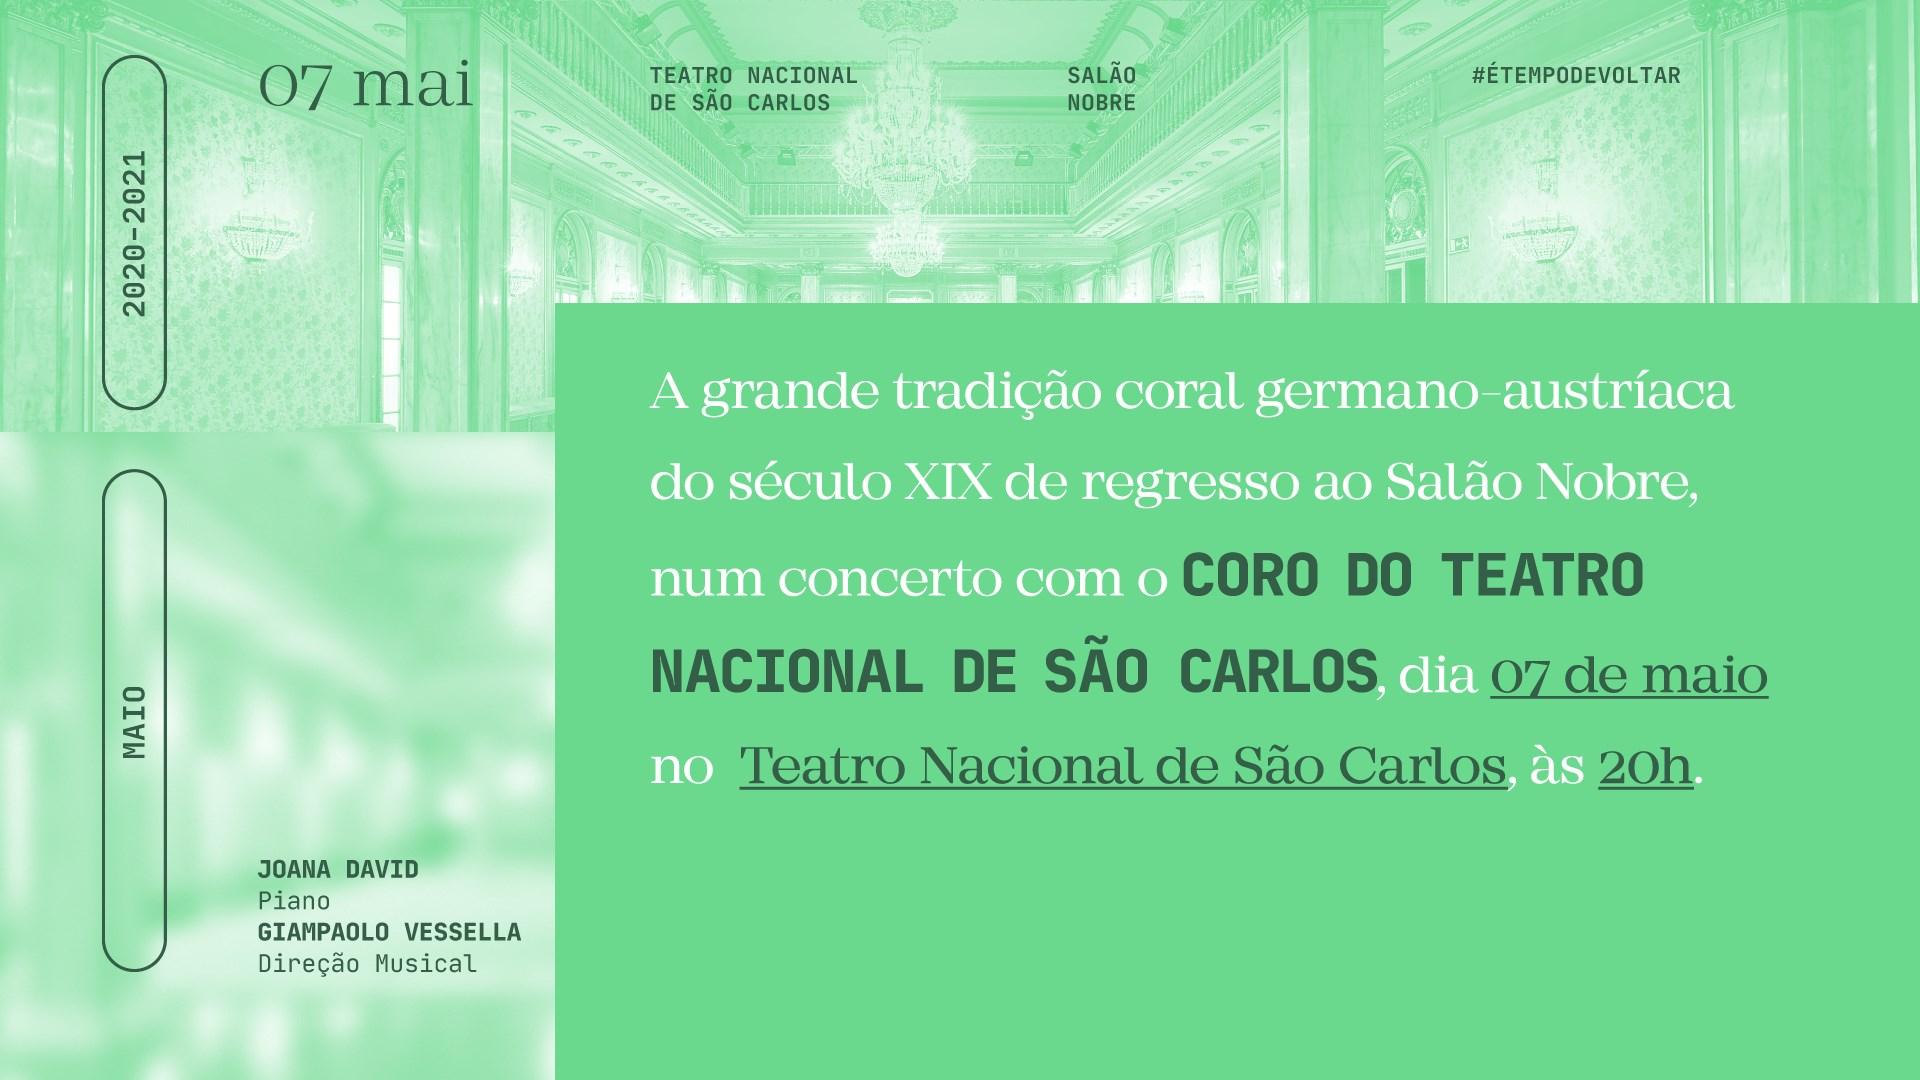 Concerto com o Coro do Teatro Nacional de São Carlos